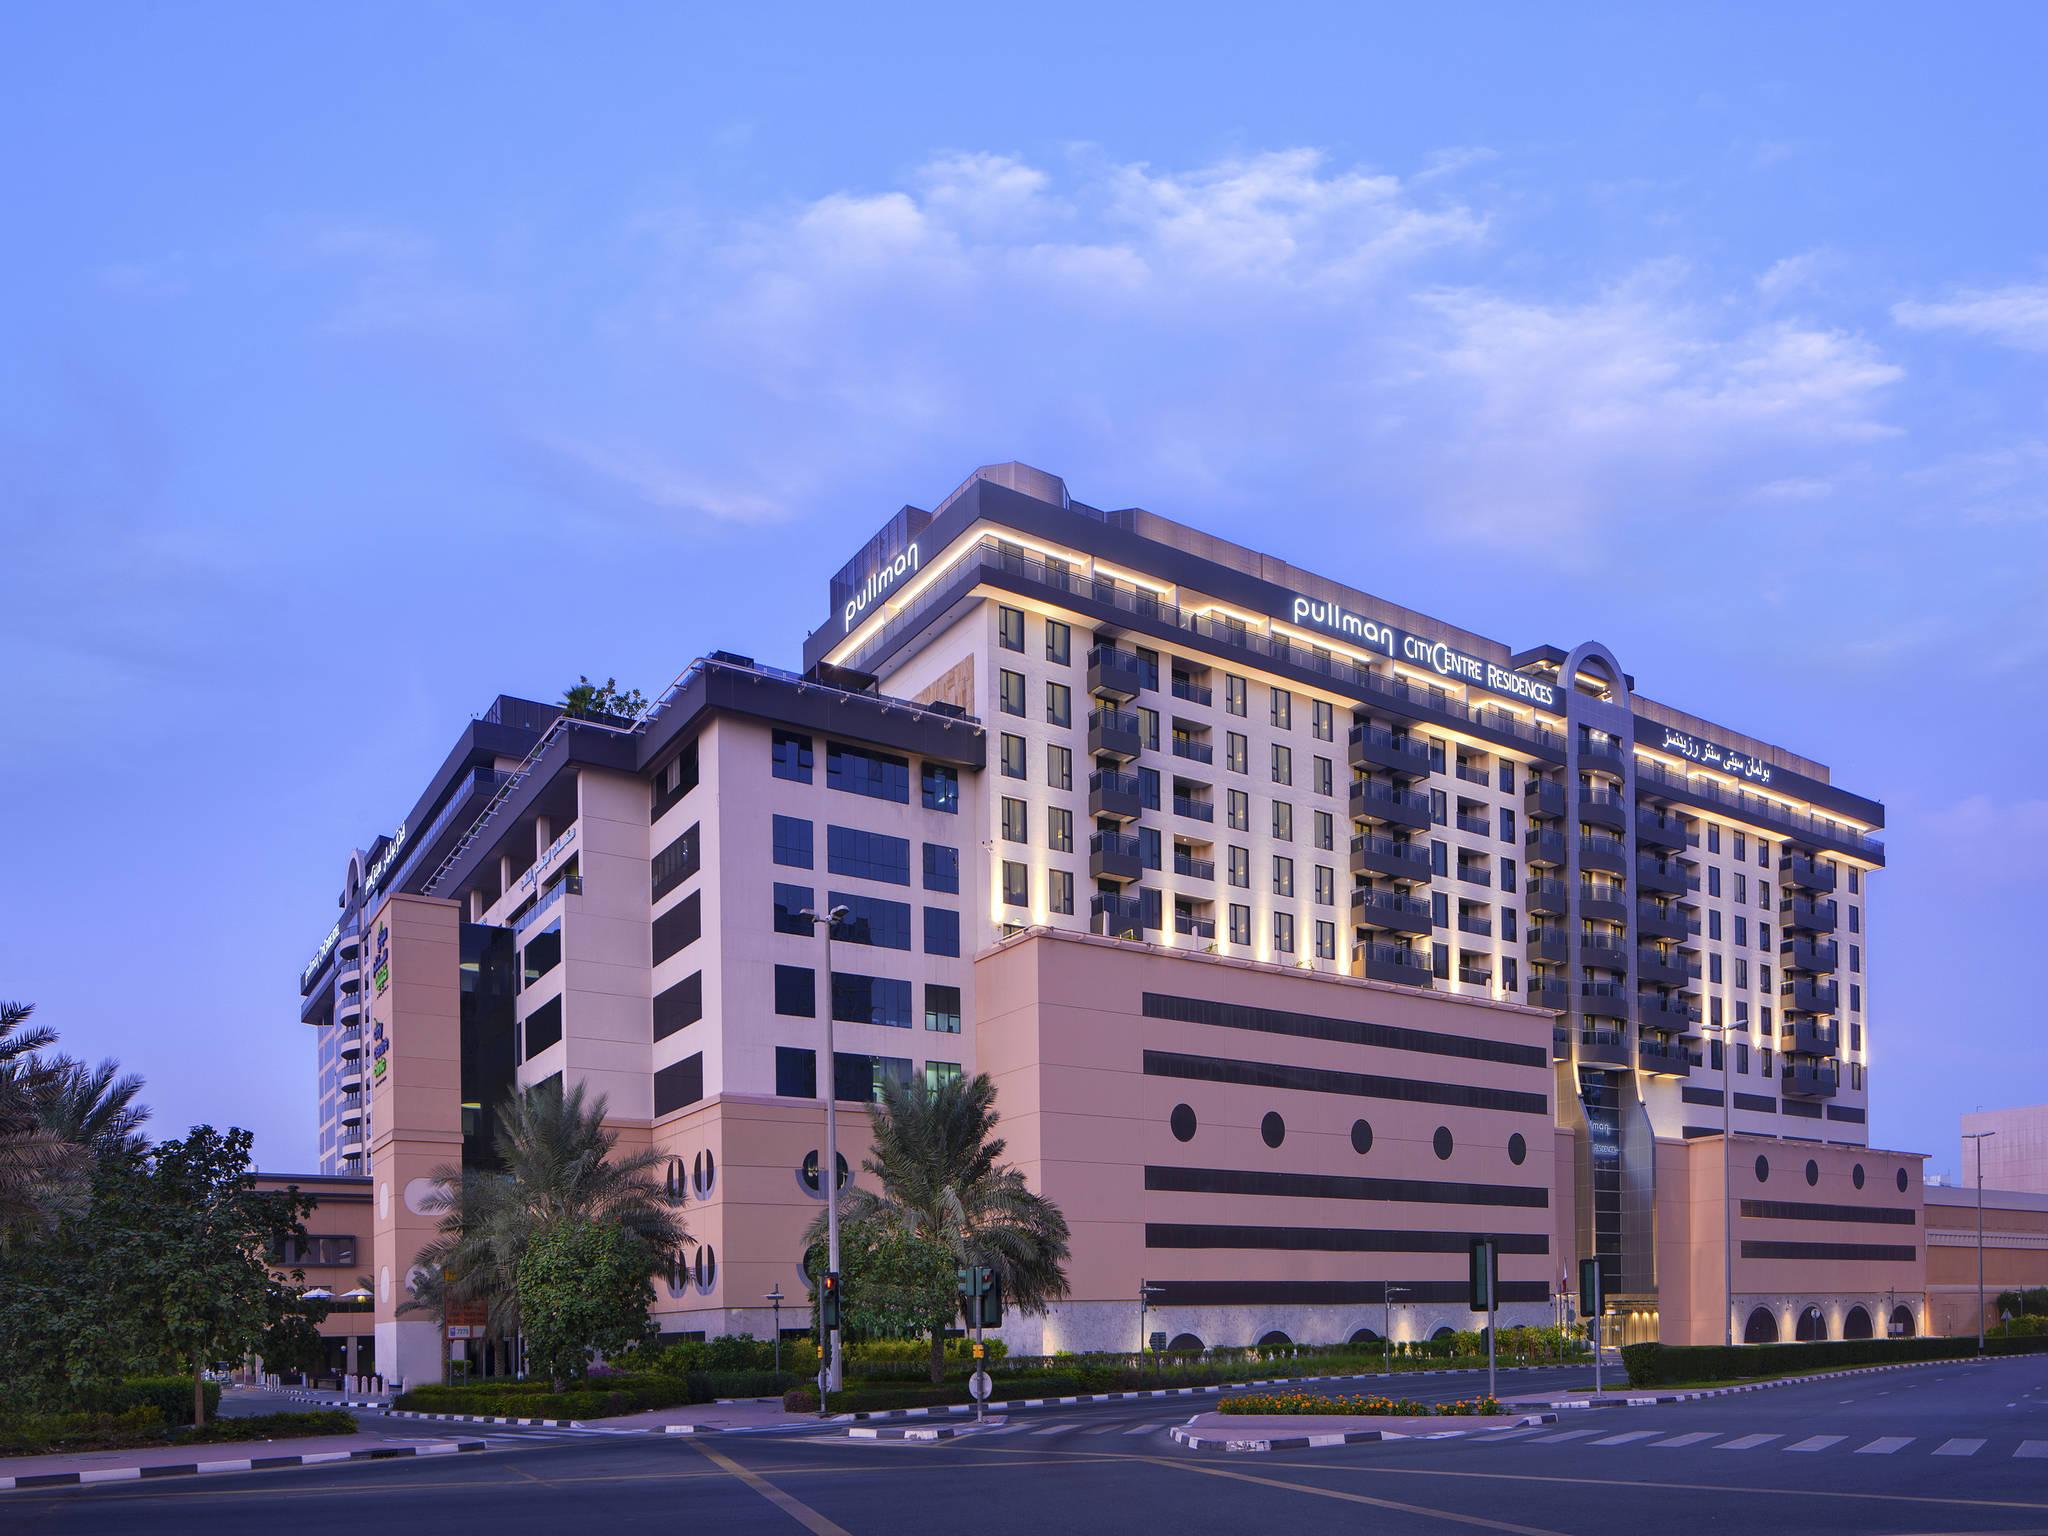 فندق - فندق بولمان Pullman دبي كريك سيتي سنتر ريزيدانس